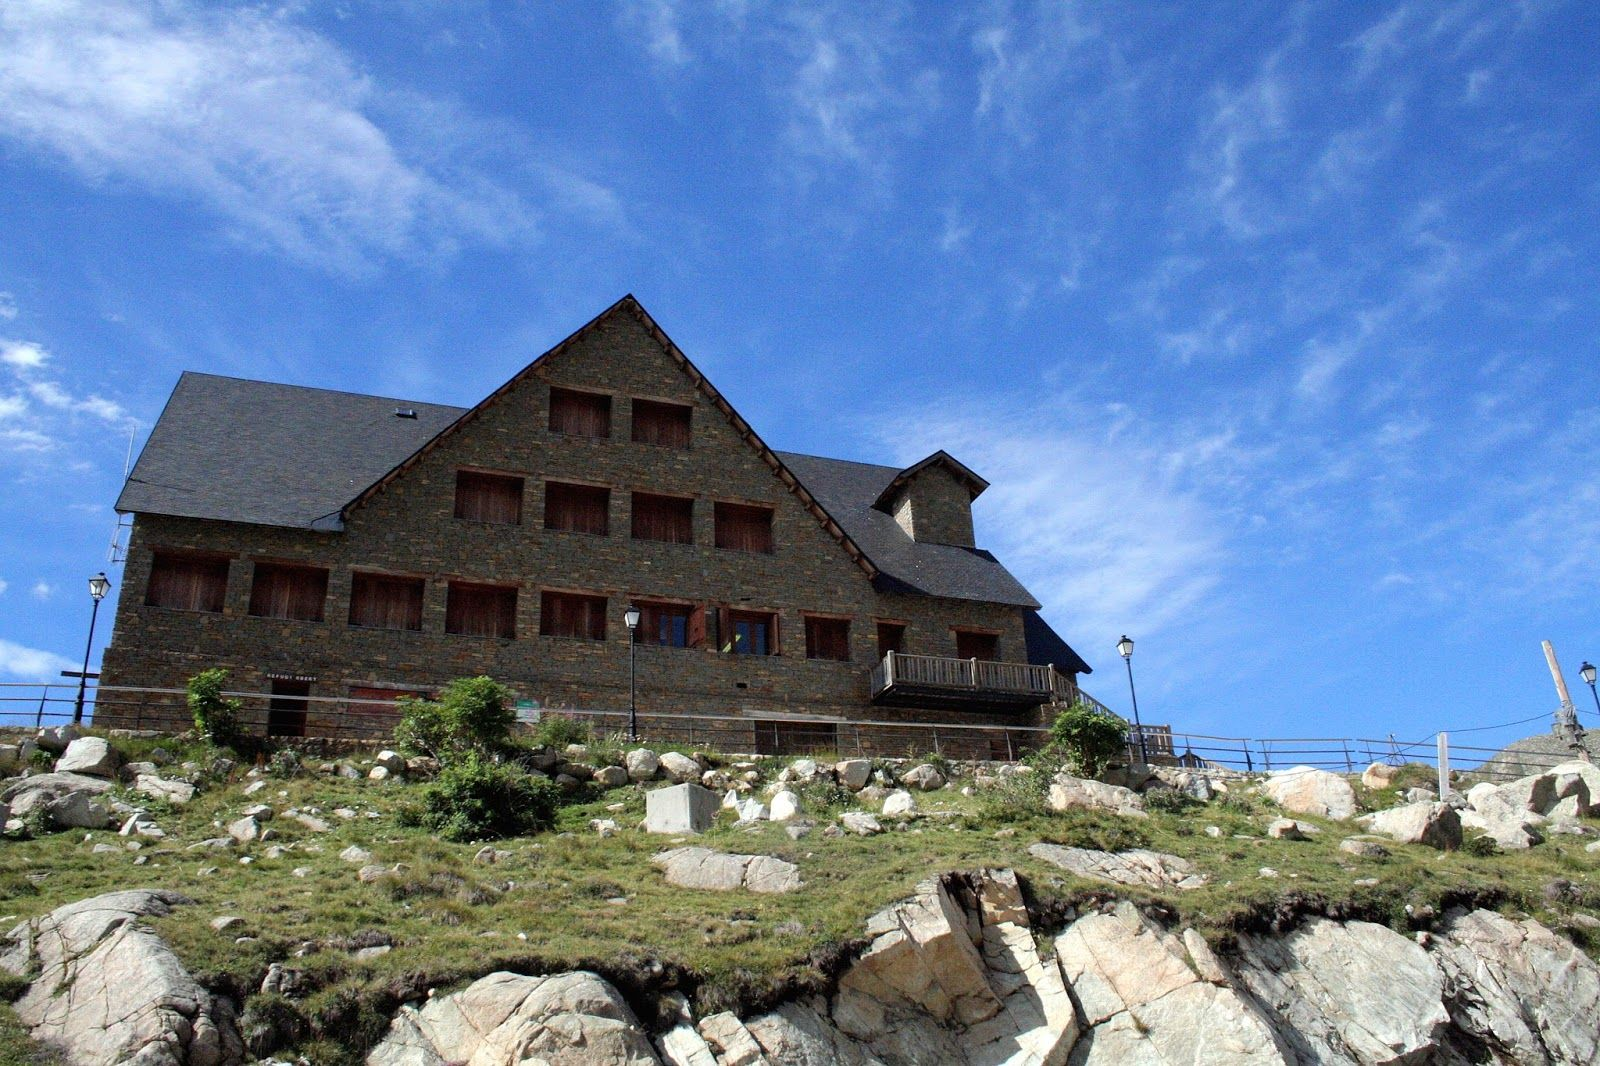 Rutas Mar & Mon: Ruta Organyà-Carrilet de la Vall Fosca-Andorra